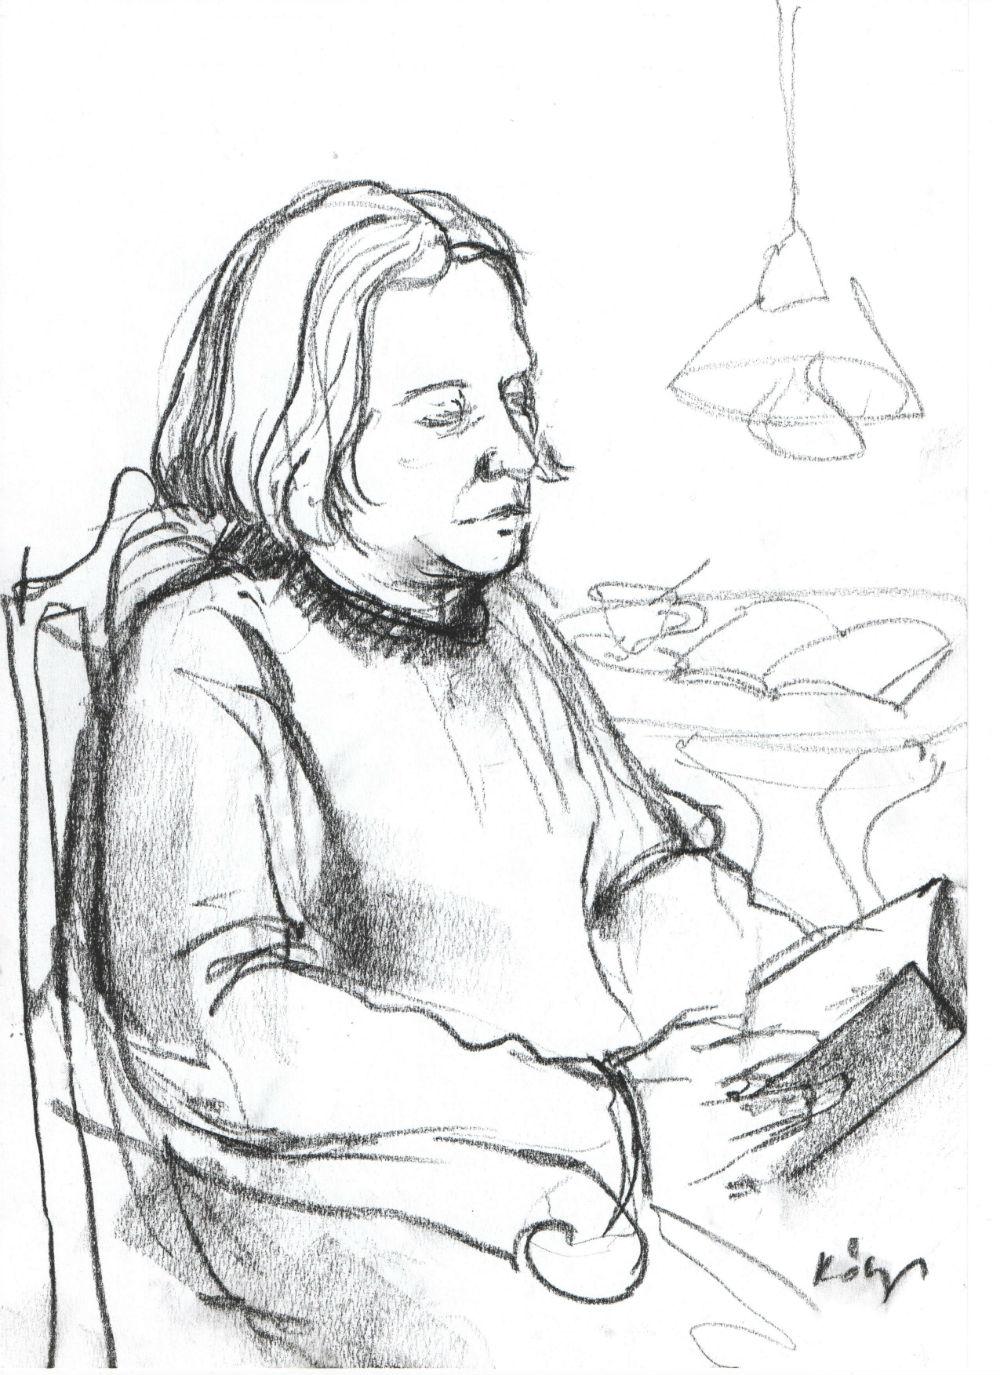 Hazai Attila - Kőszeghy Csilla rajza